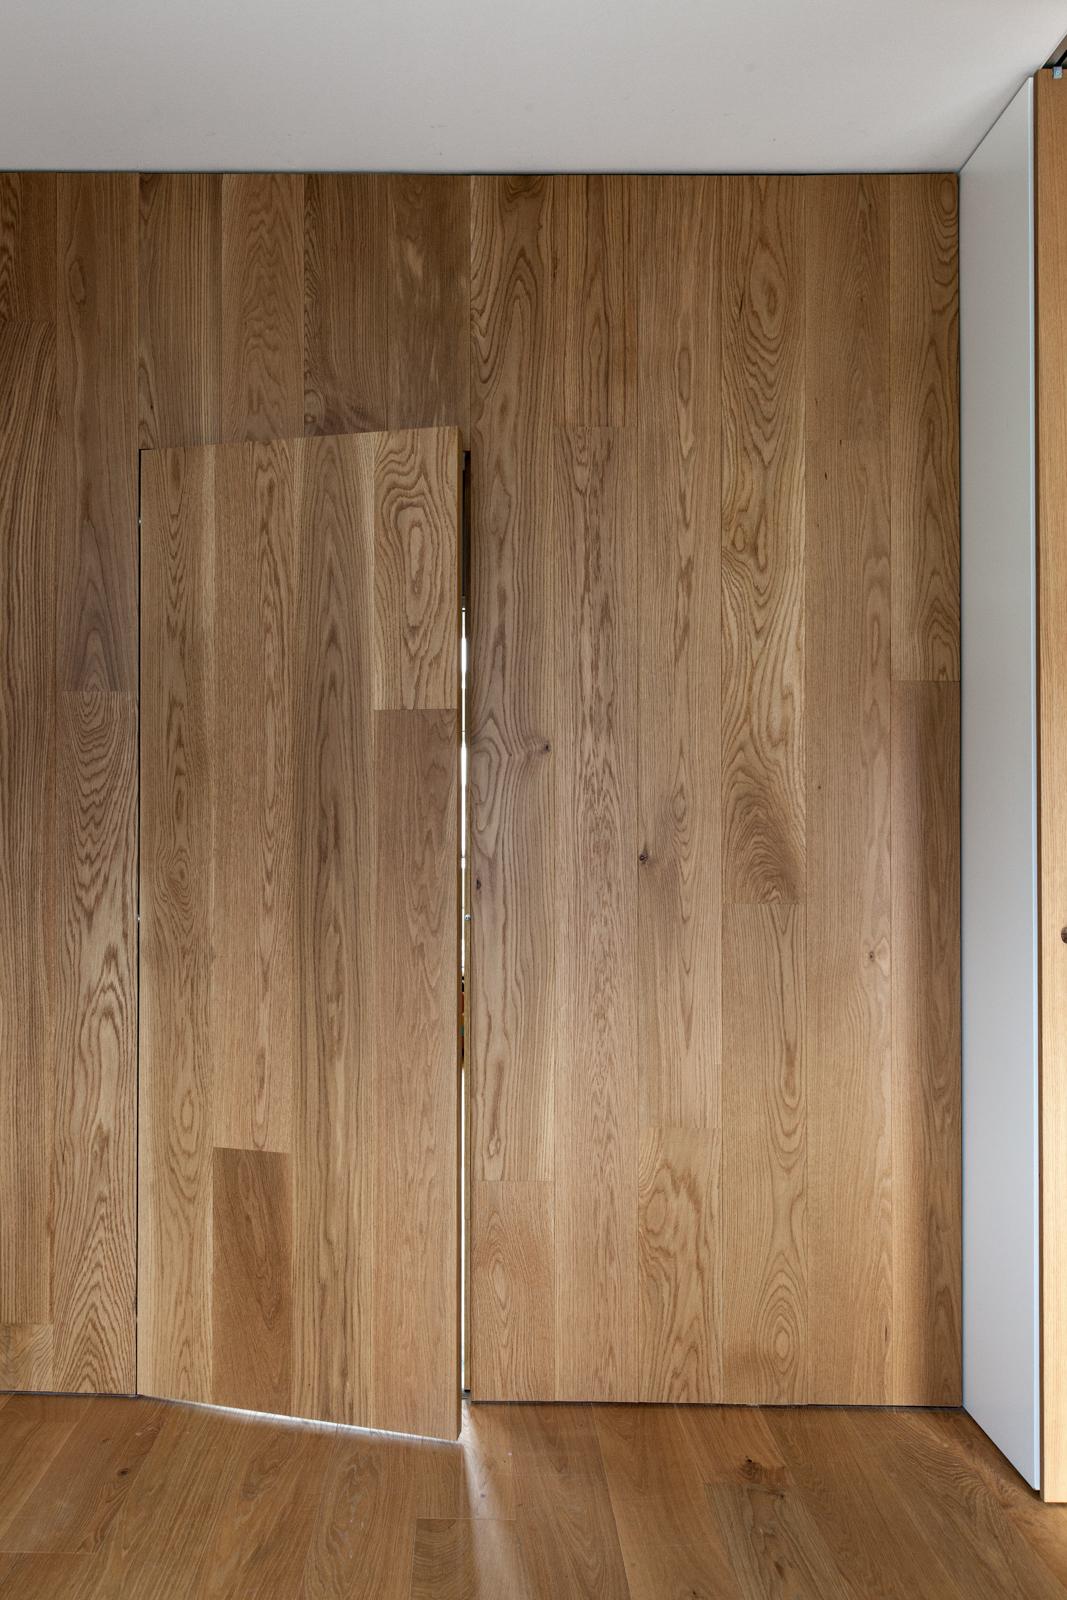 Wooden Panel Door Interior by Luca Lancini